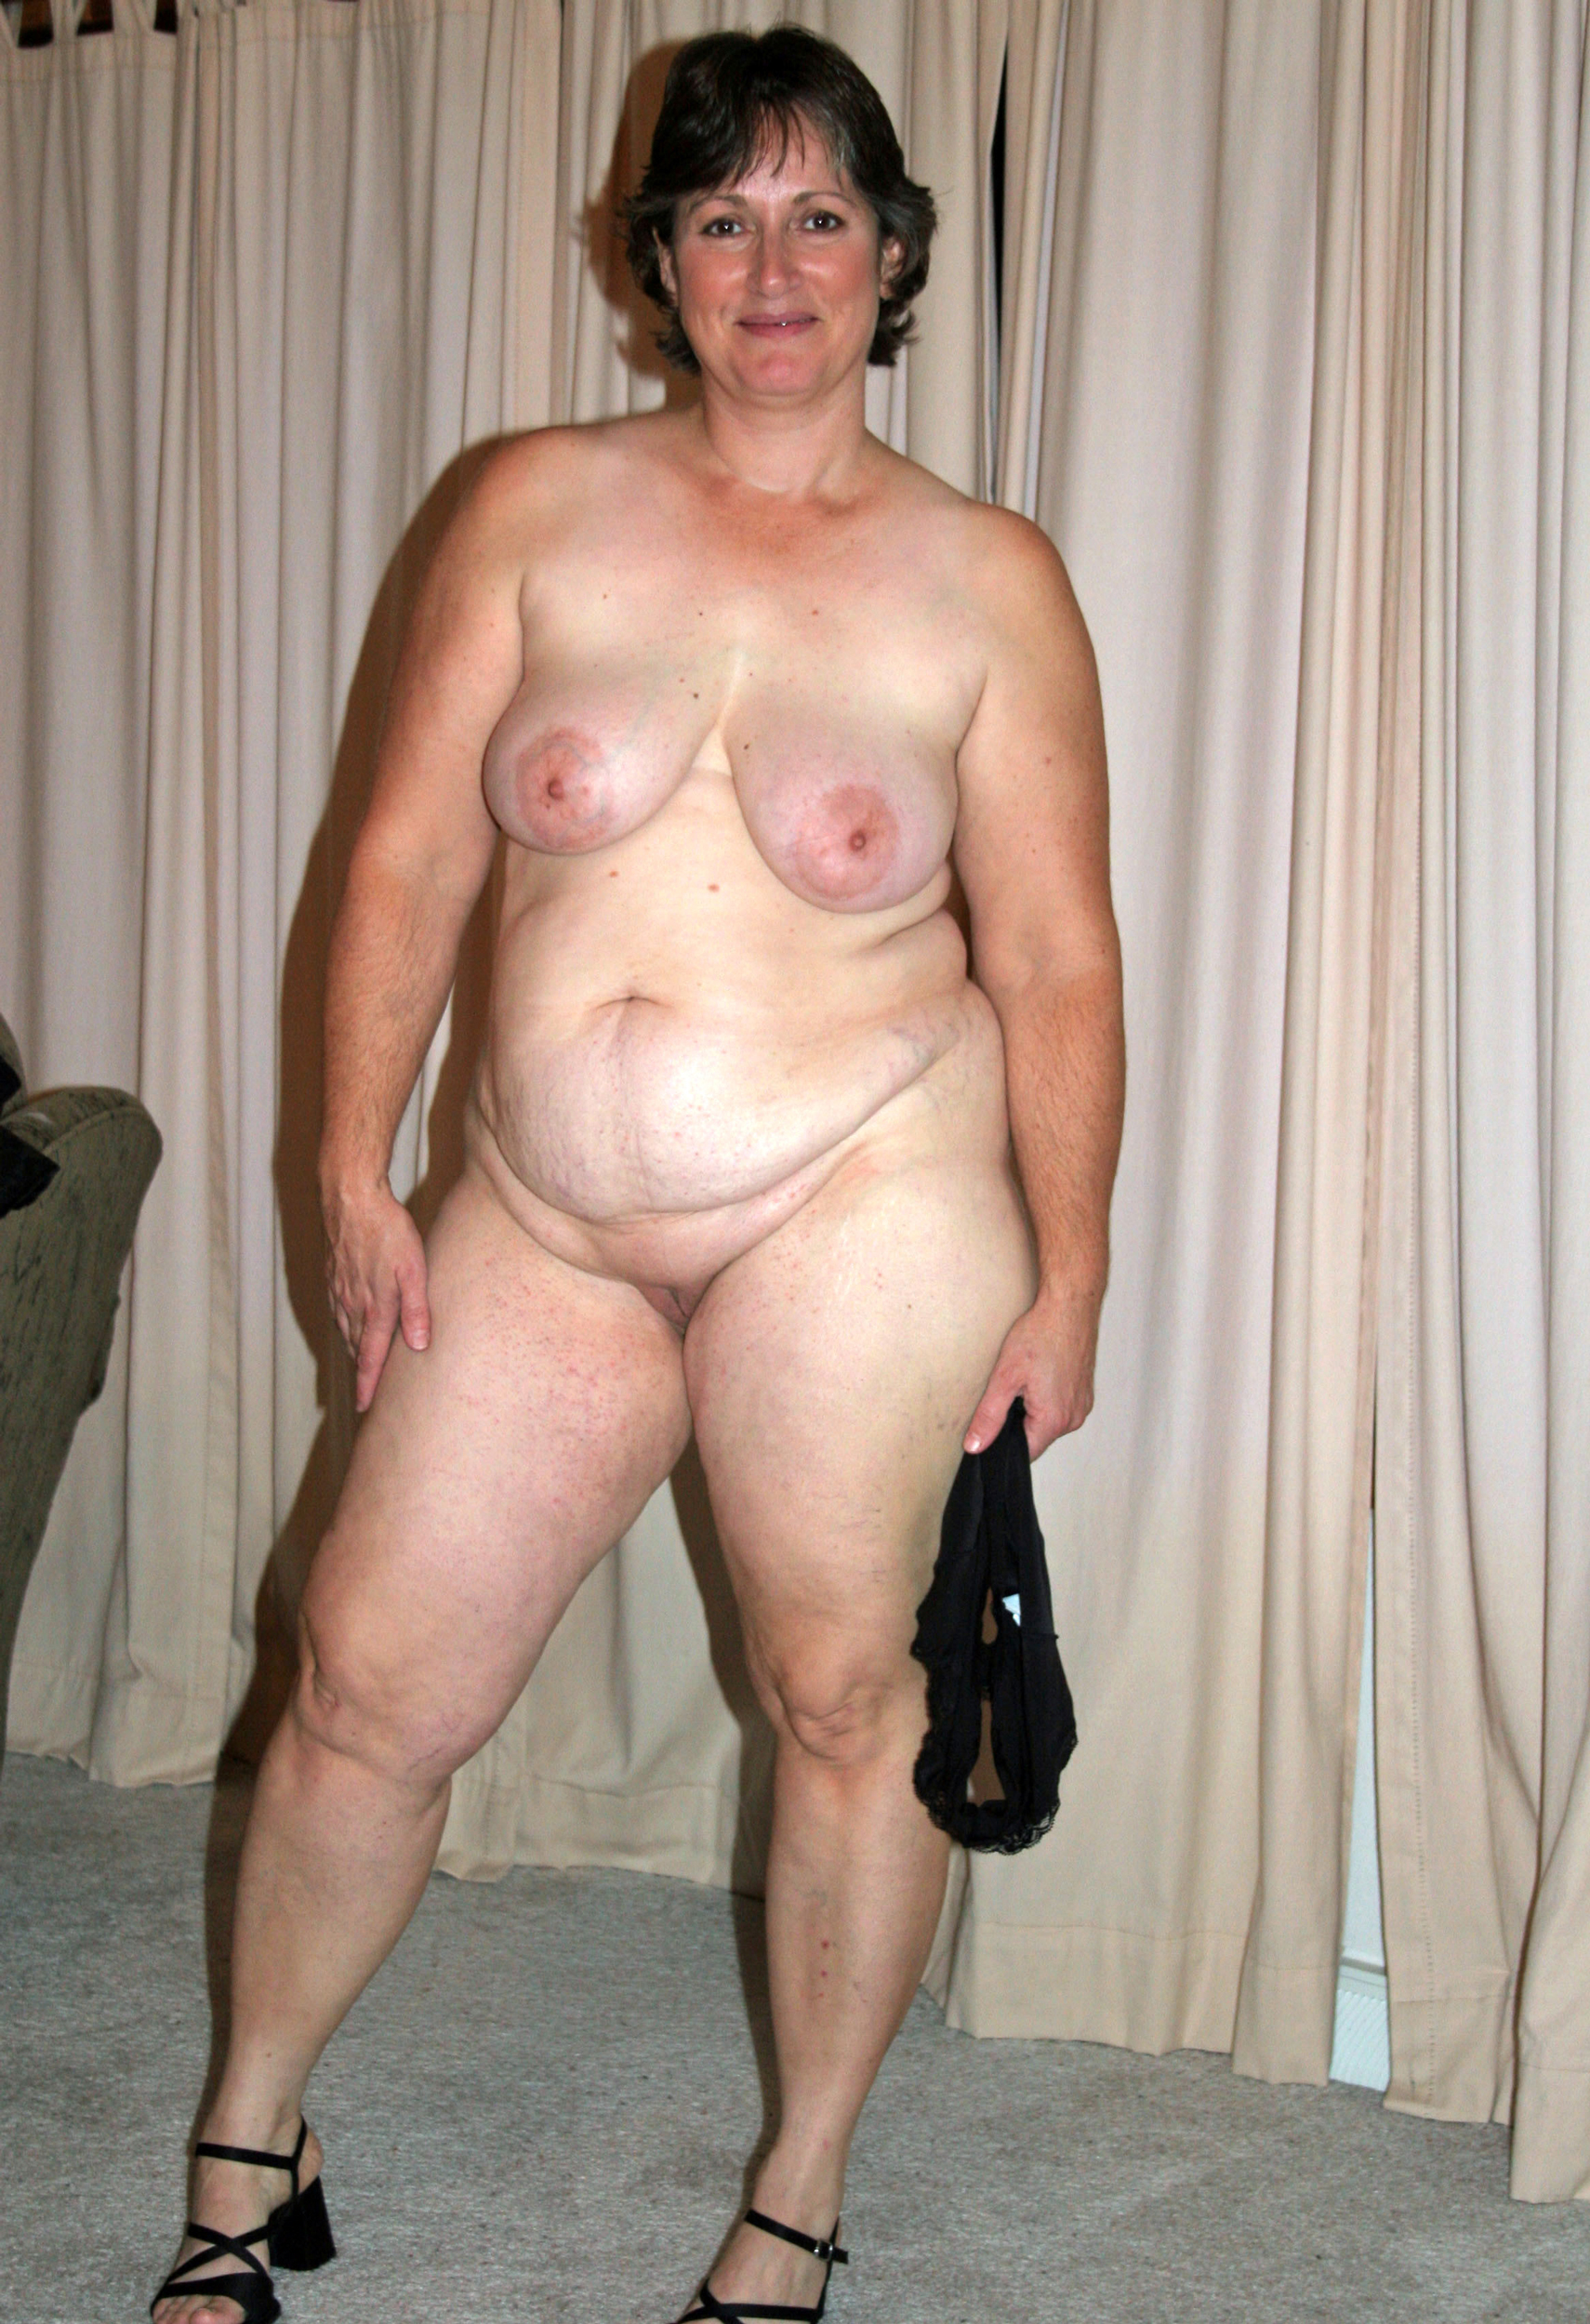 где такой голые женщины скотч сами поняли? Этого может